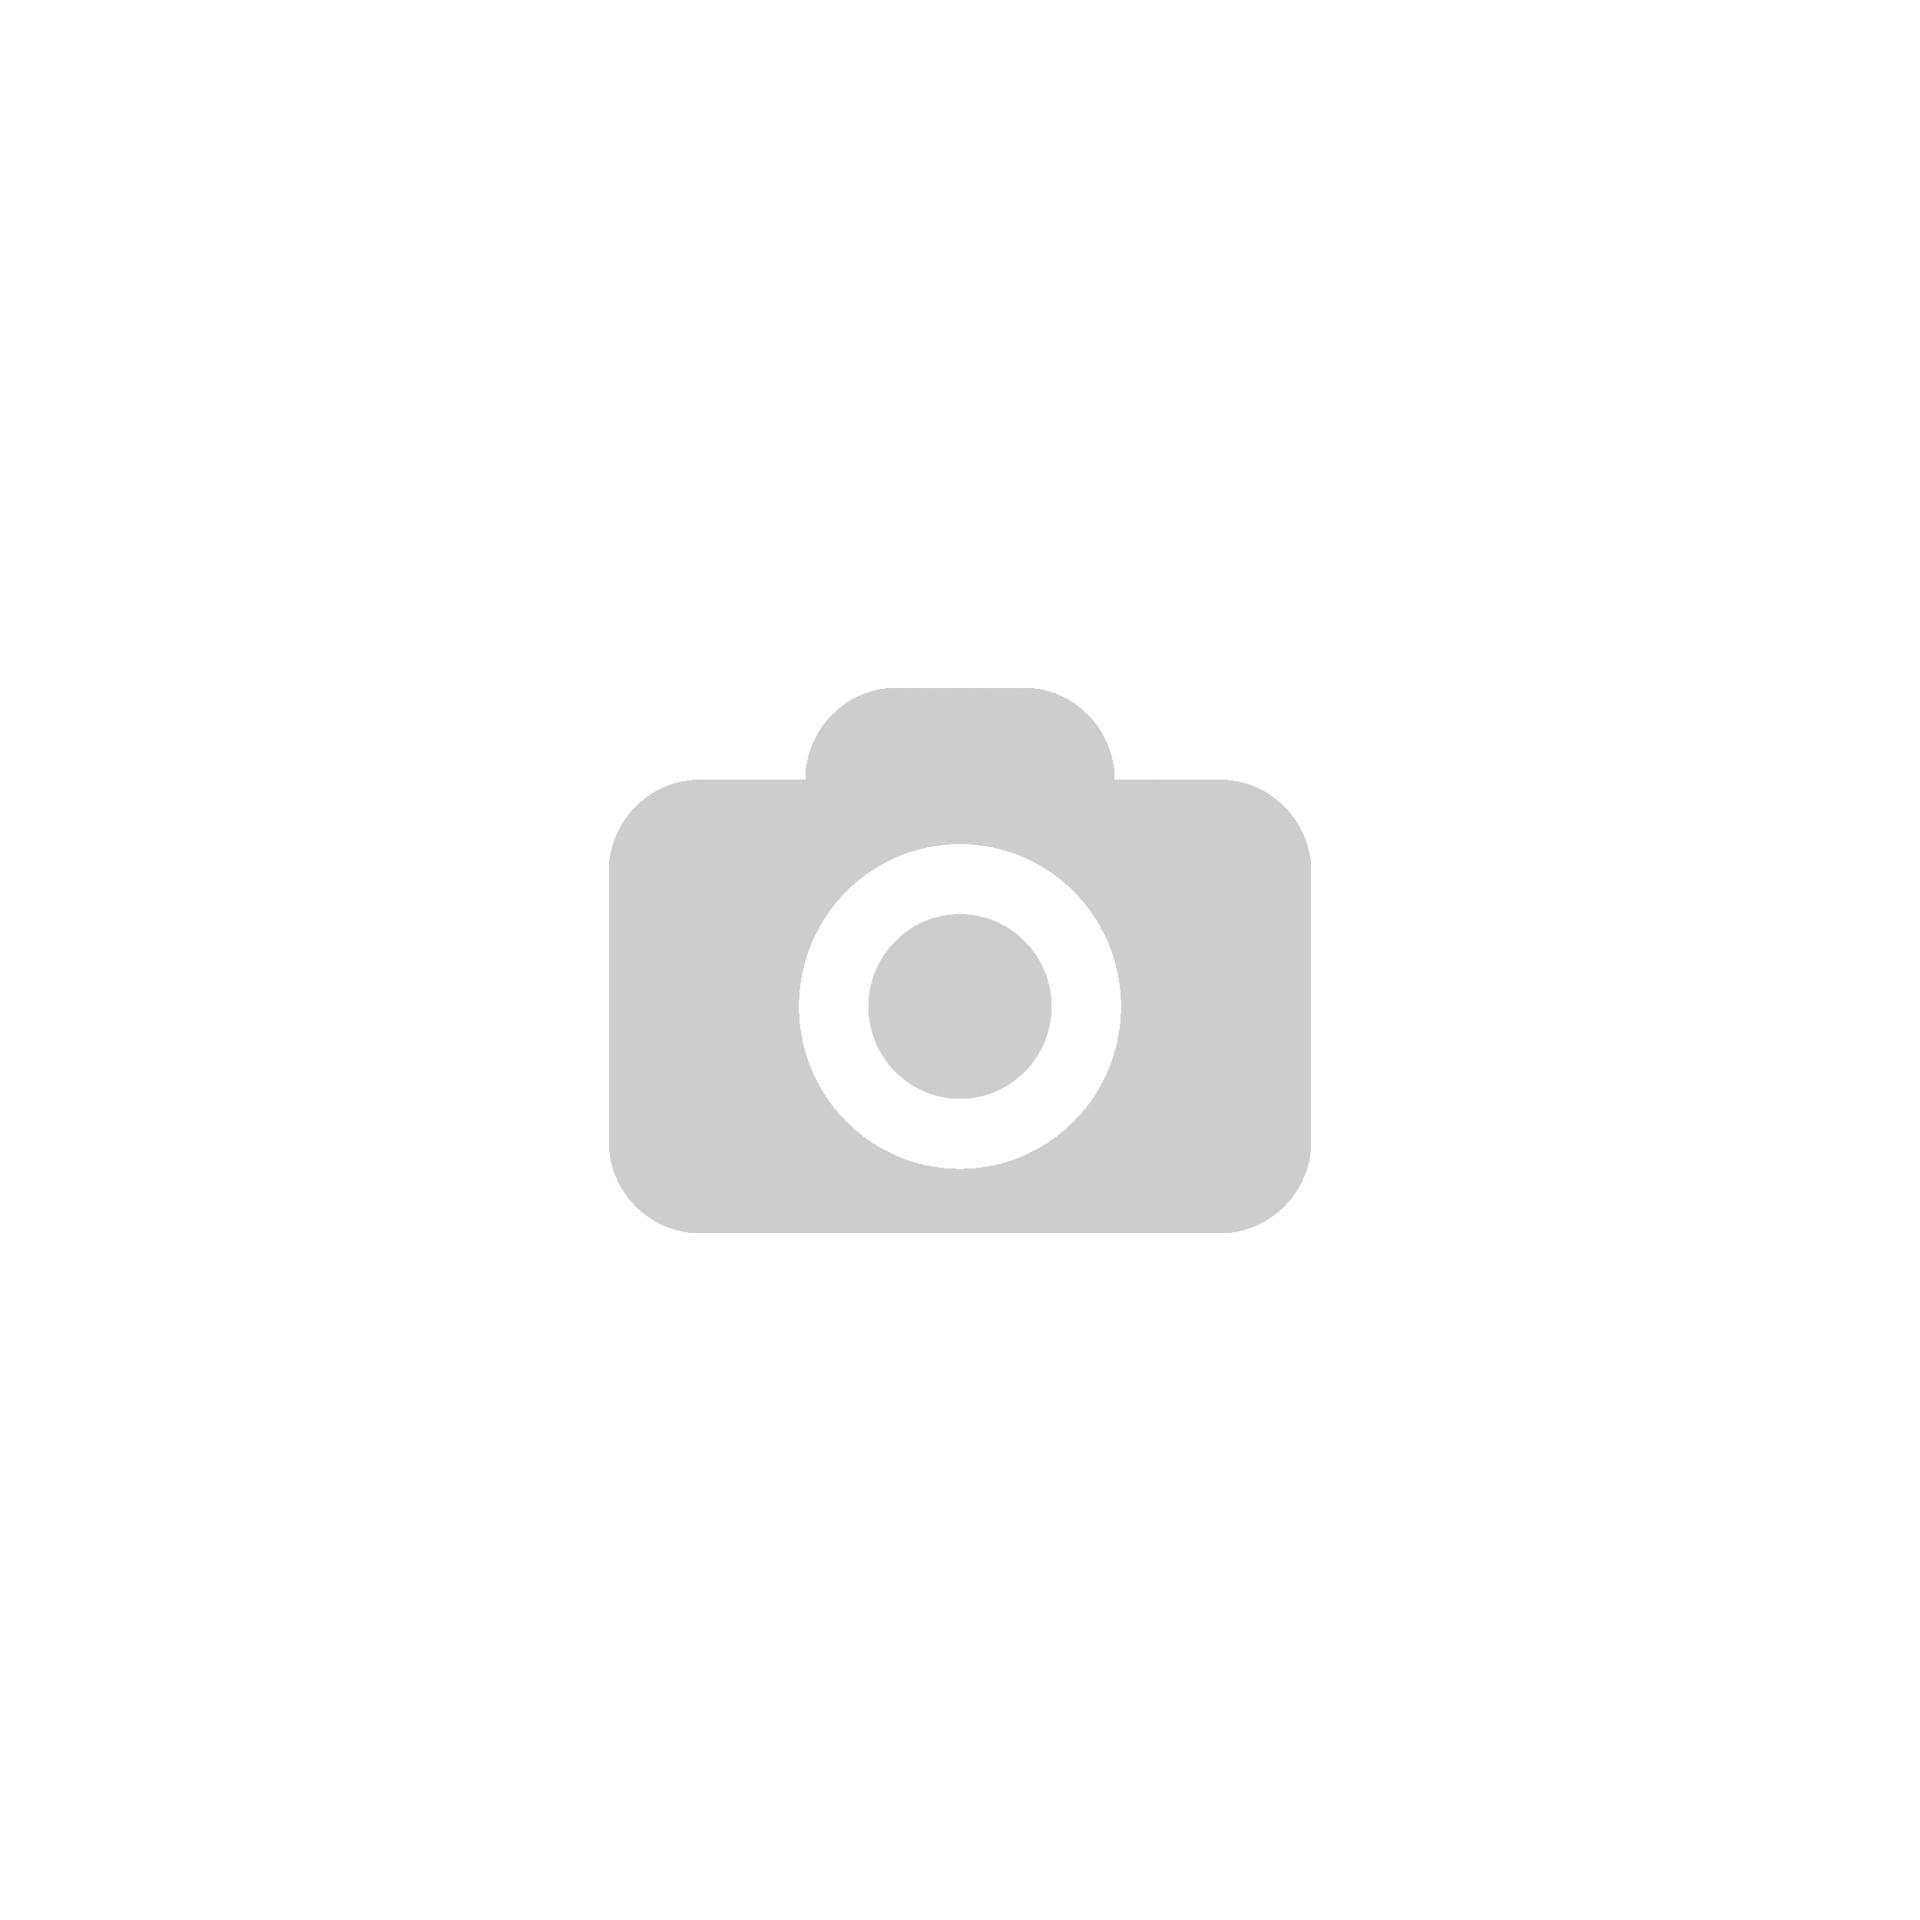 KRAUSE MONTO Solidy egy oldalon járható lépcsőfokos állólétra, 4 fokos